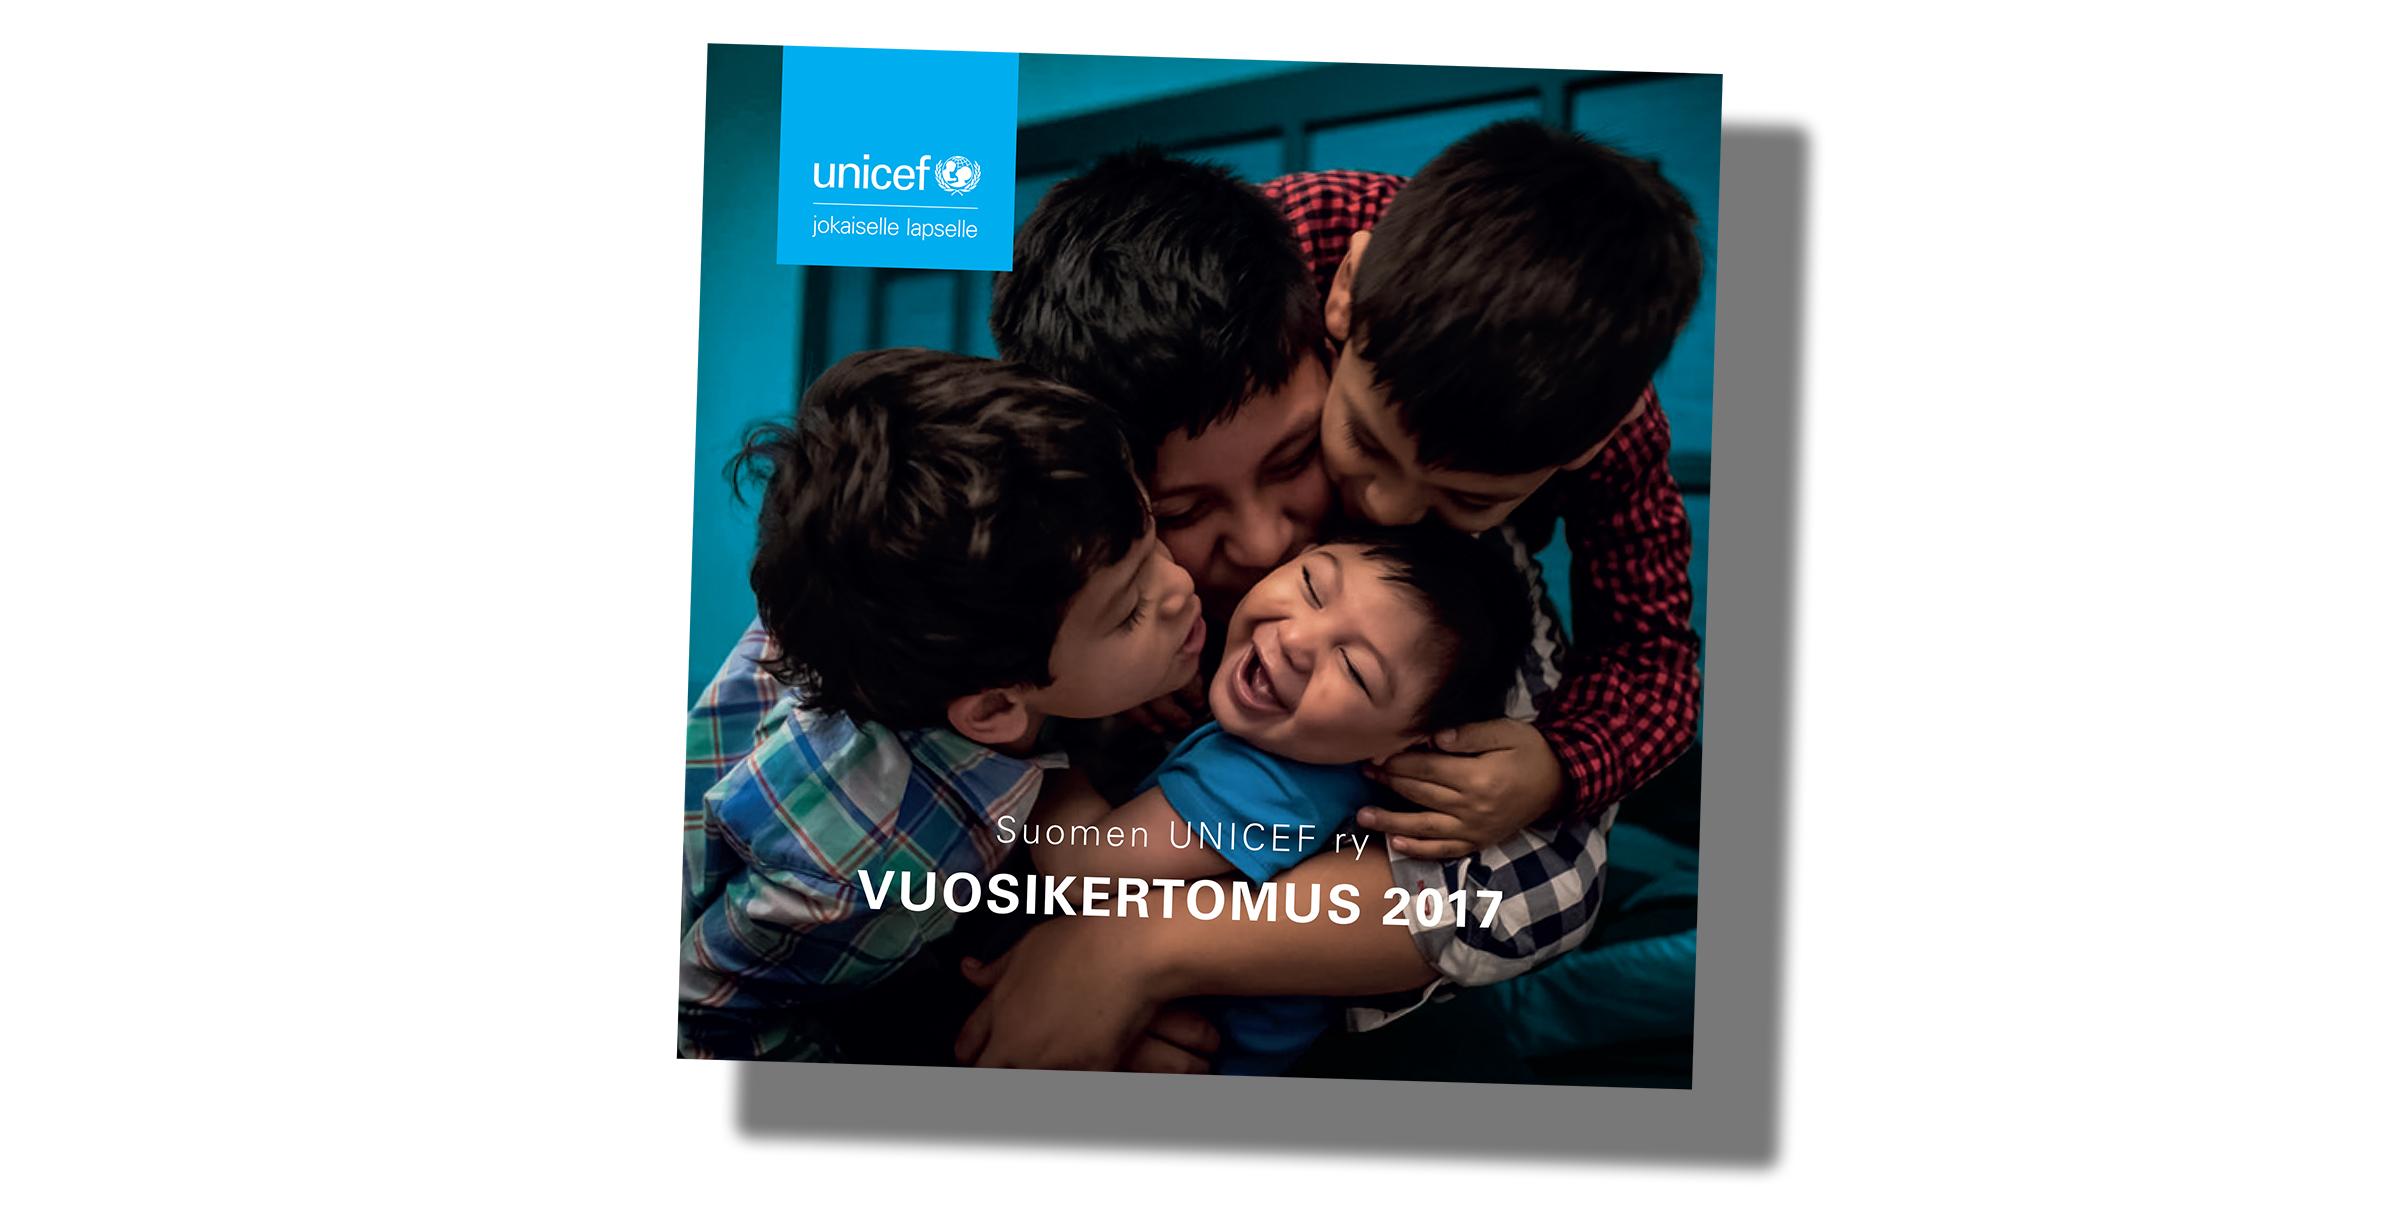 Suomen UNICEFin vuosikertomus 2017 kansikuva